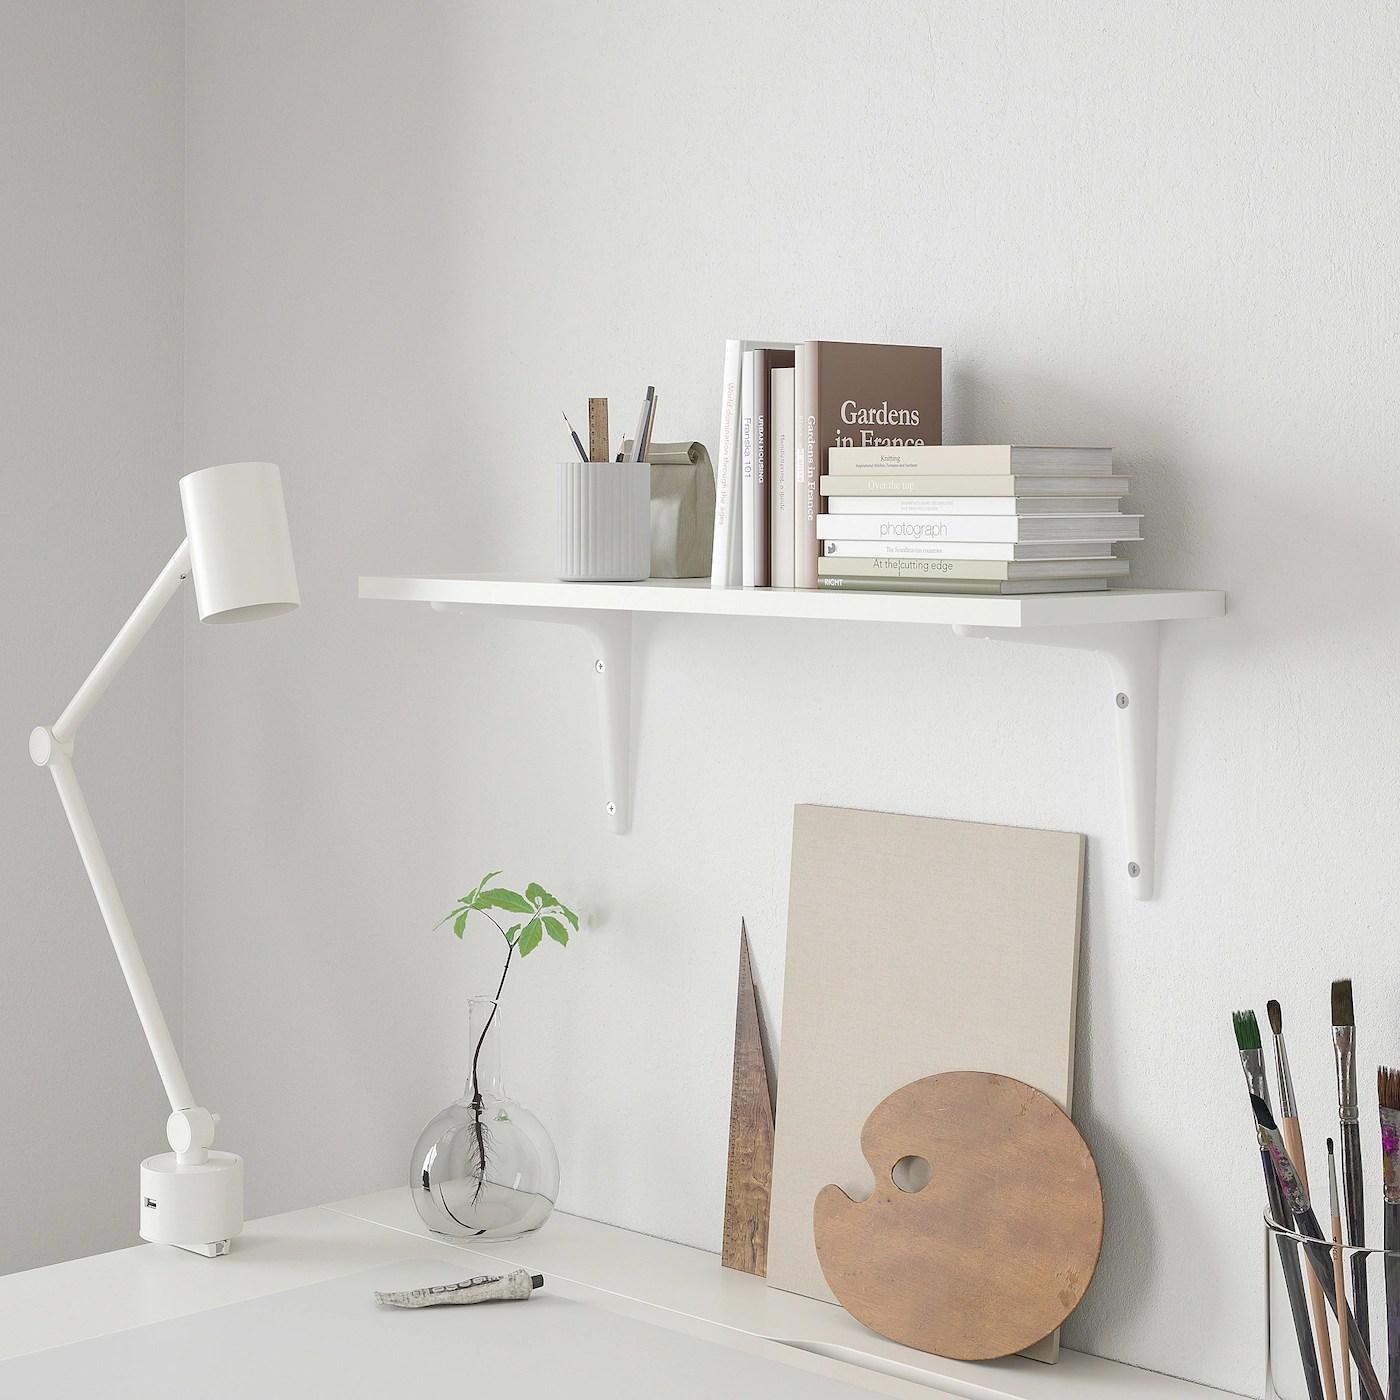 Trattandosi di una mensola angolare le possibilità di scelta su dove. Burhult Sibbhult Mensola E Staffe Bianco Bianco Ikea Svizzera